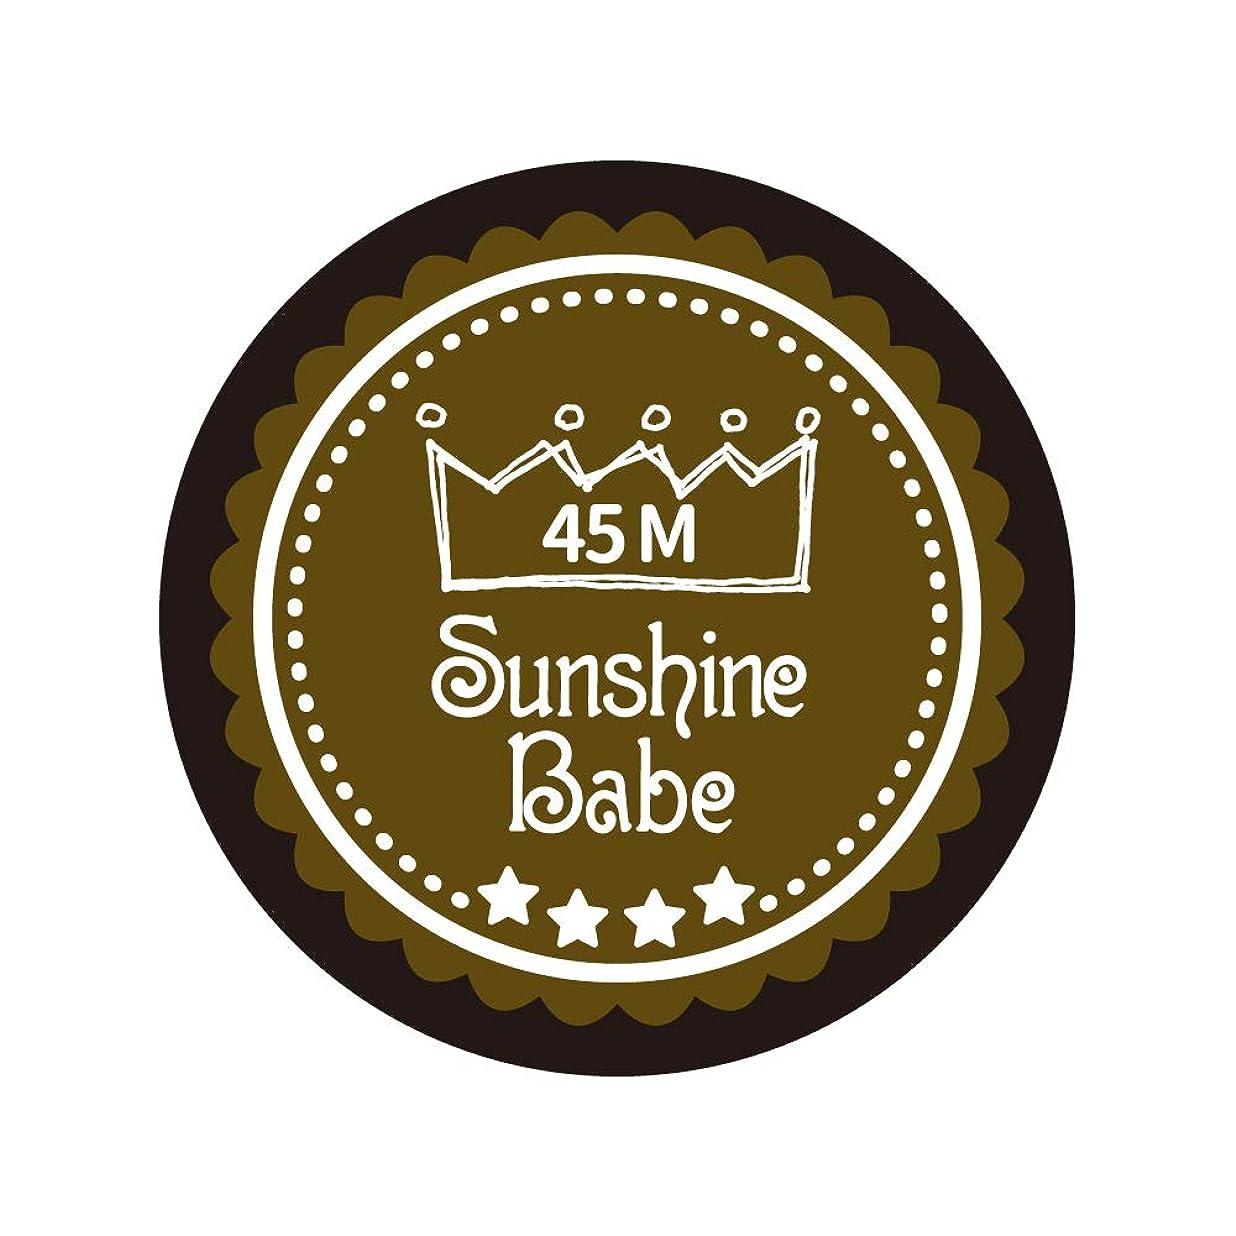 リットル属性しわSunshine Babe カラージェル 45M マティーニオリーブ 4g UV/LED対応